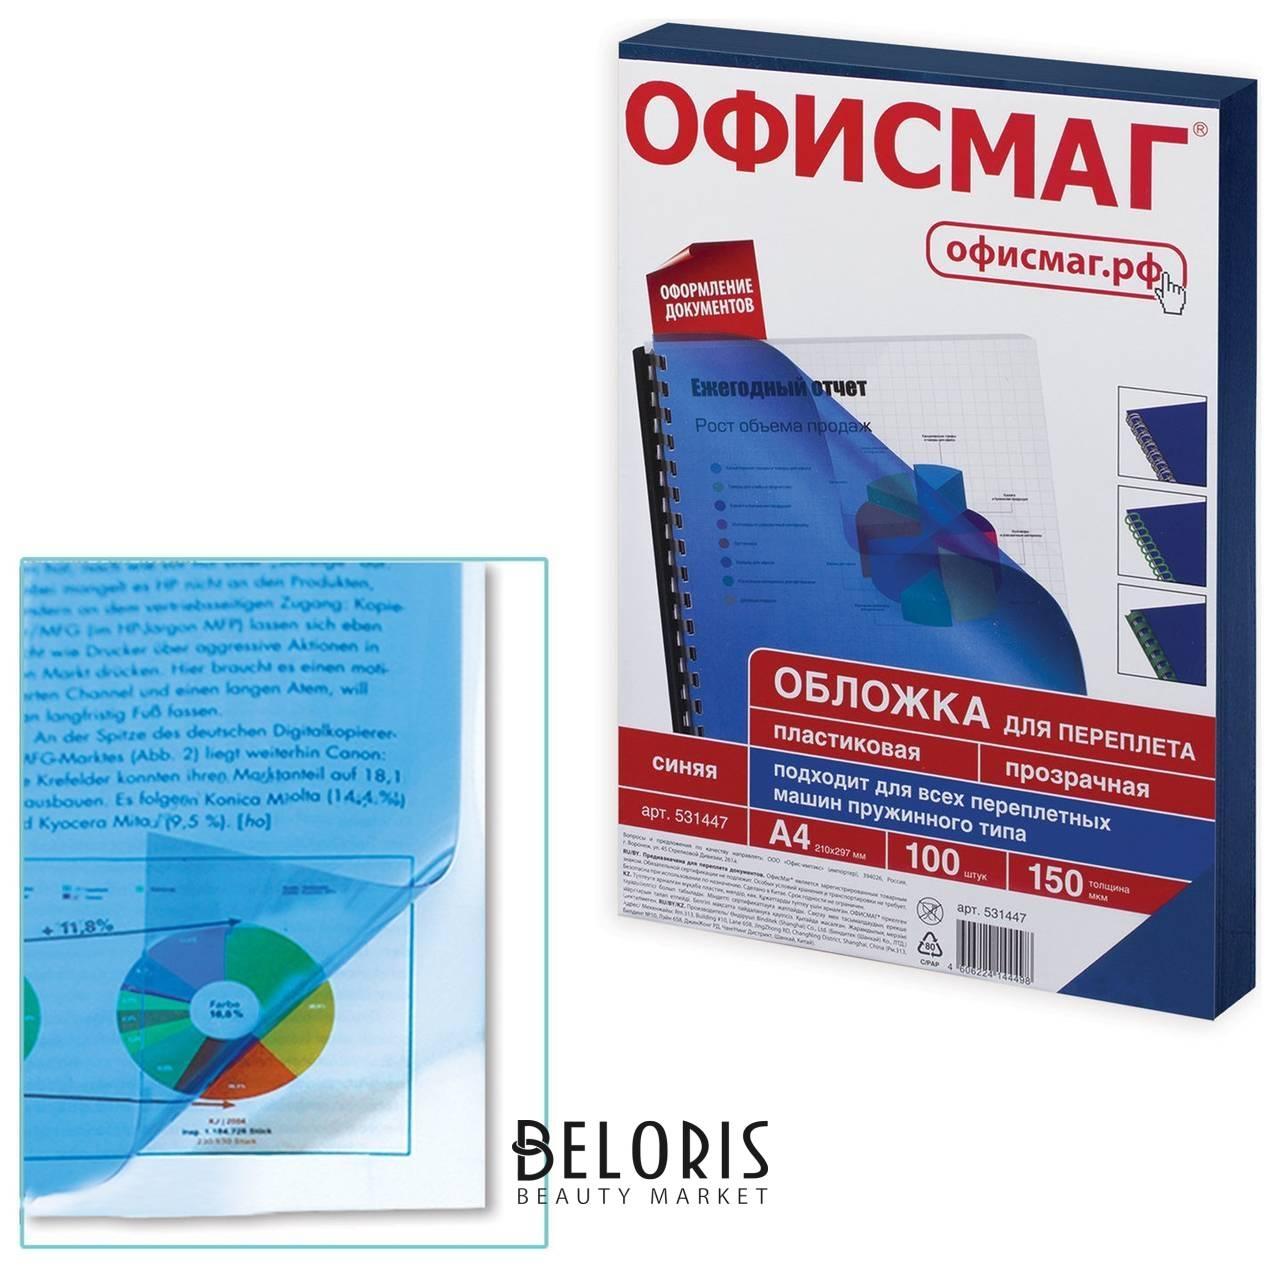 Обложки пластиковые для переплета, А4, комплект 100 шт., 150 мкм, прозрачно-синие, Офисмаг Офисмаг